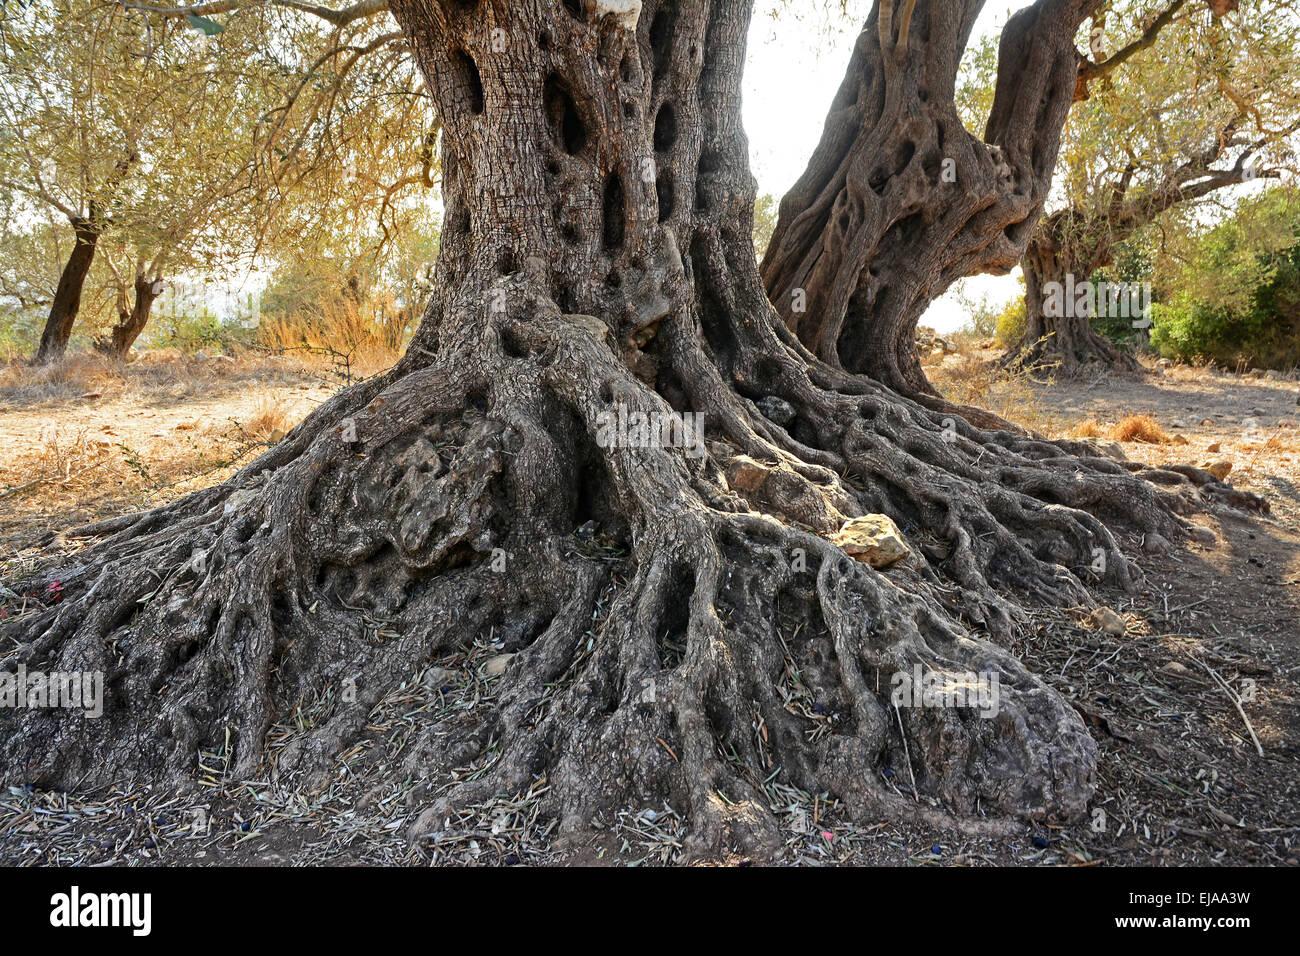 Viejo olivo viejo tronco. Imagen De Stock